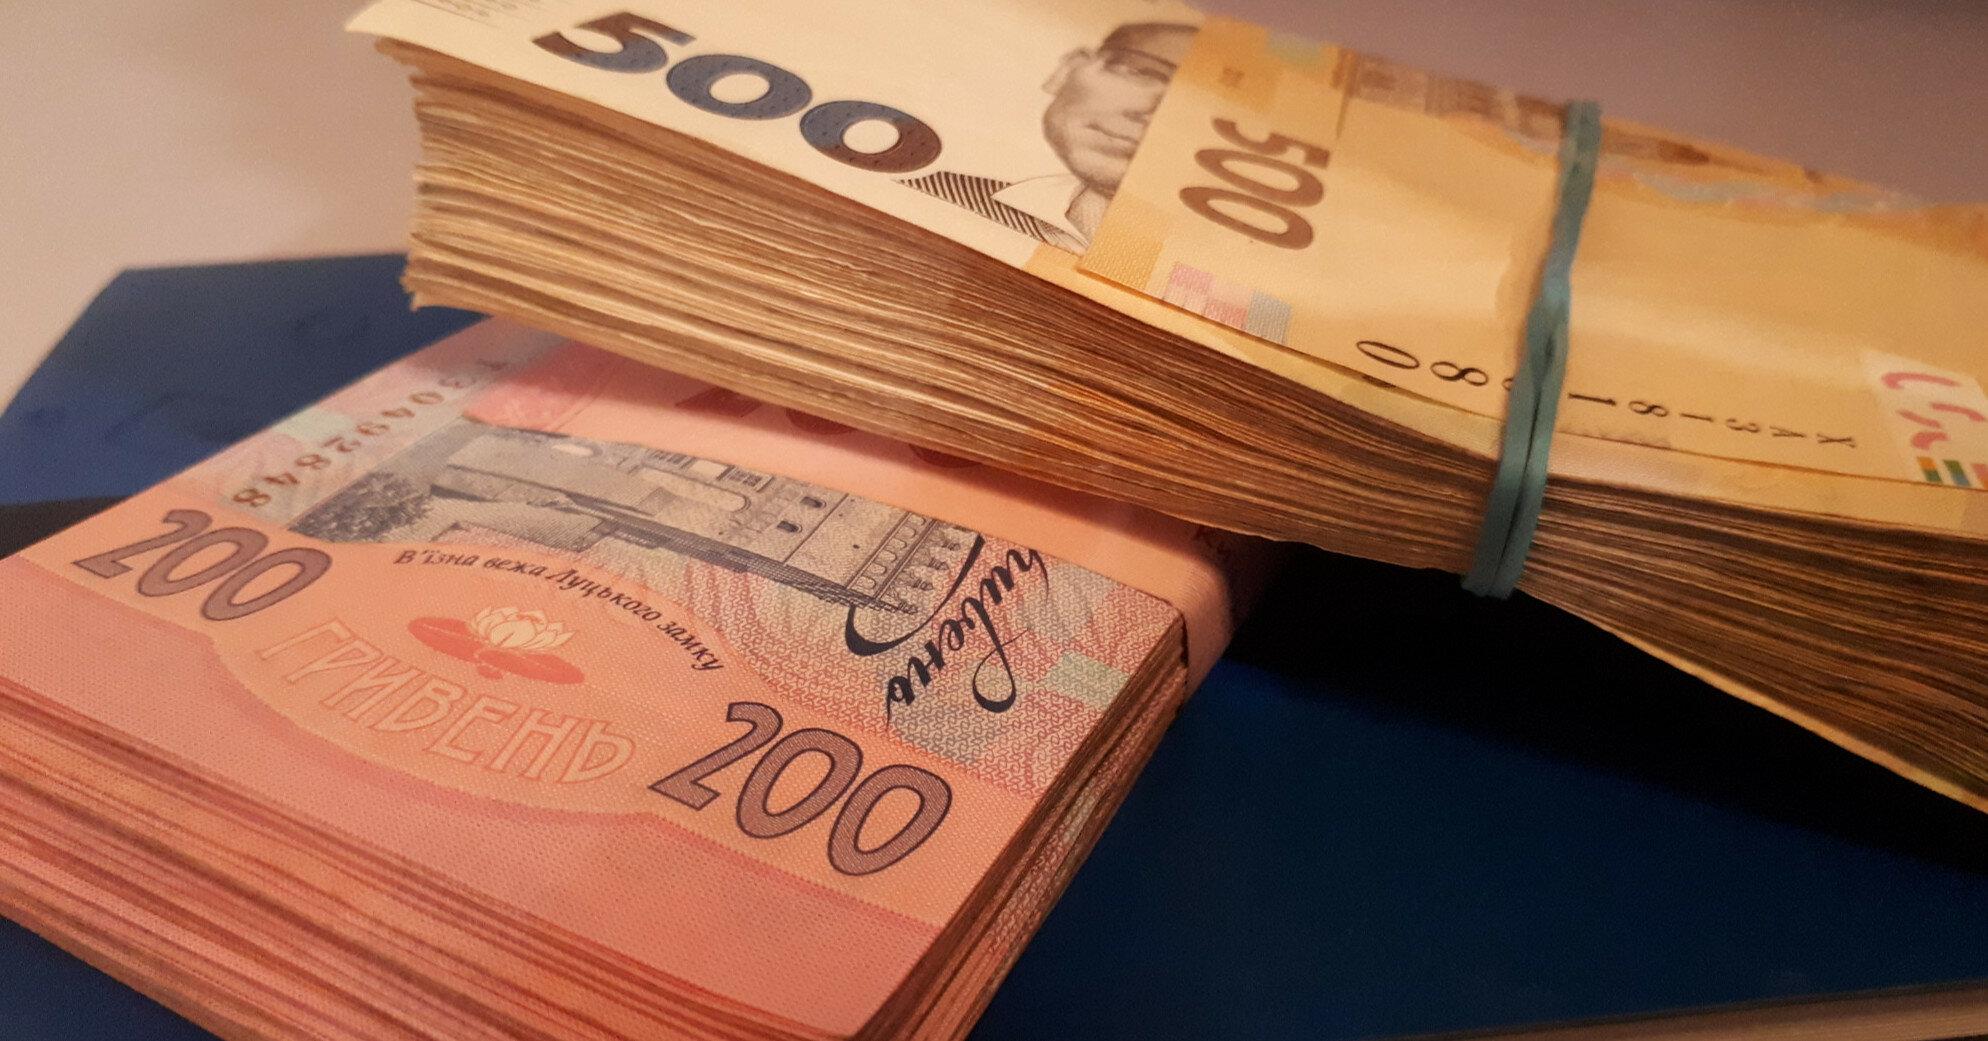 Безработным предоставят десятки тысяч гривен на открытие бизнеса